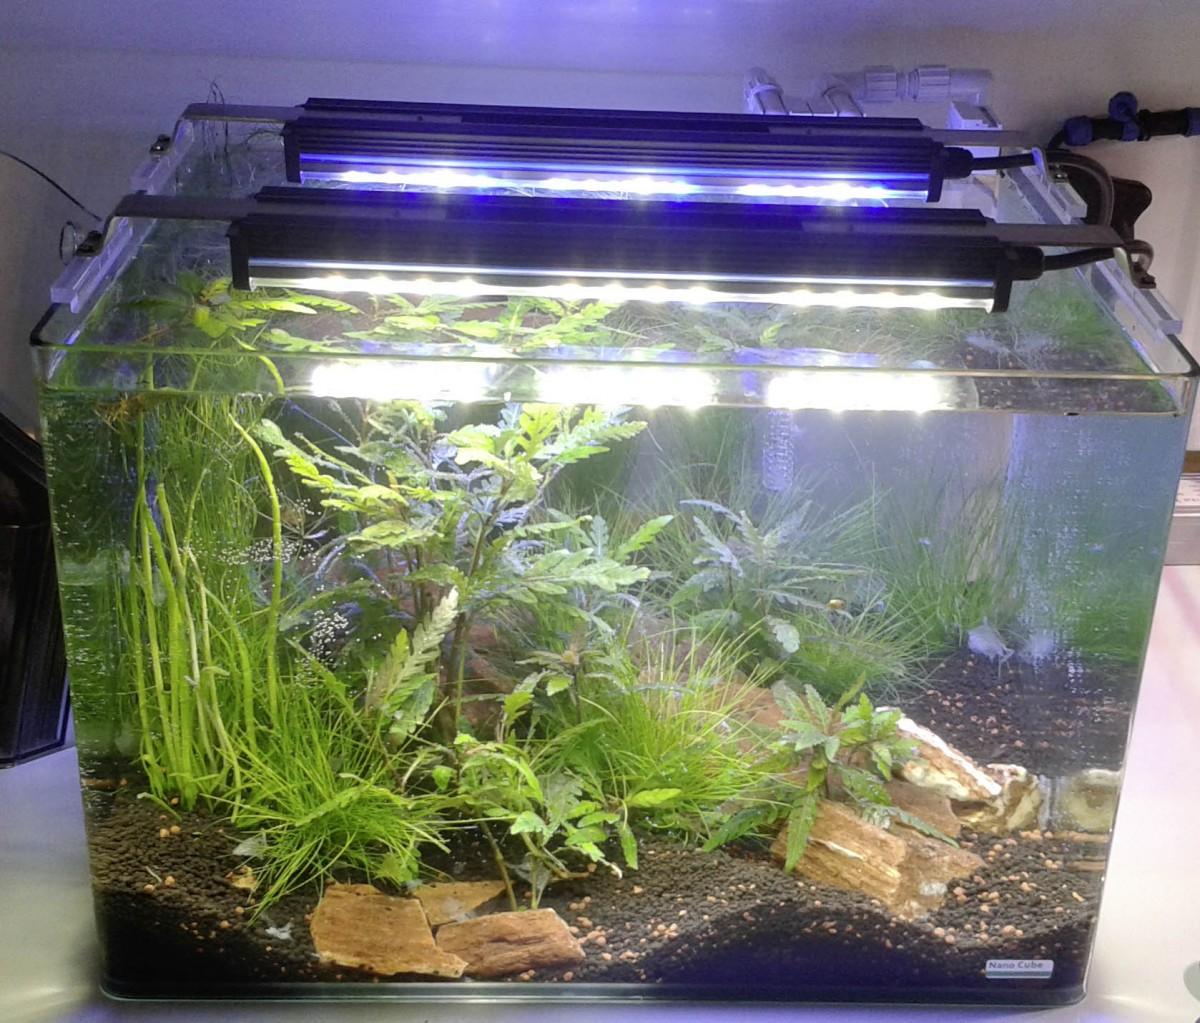 www.coralshop-burkart.de - GHL Mitras Lightbar 2 Daylight 40 - 160